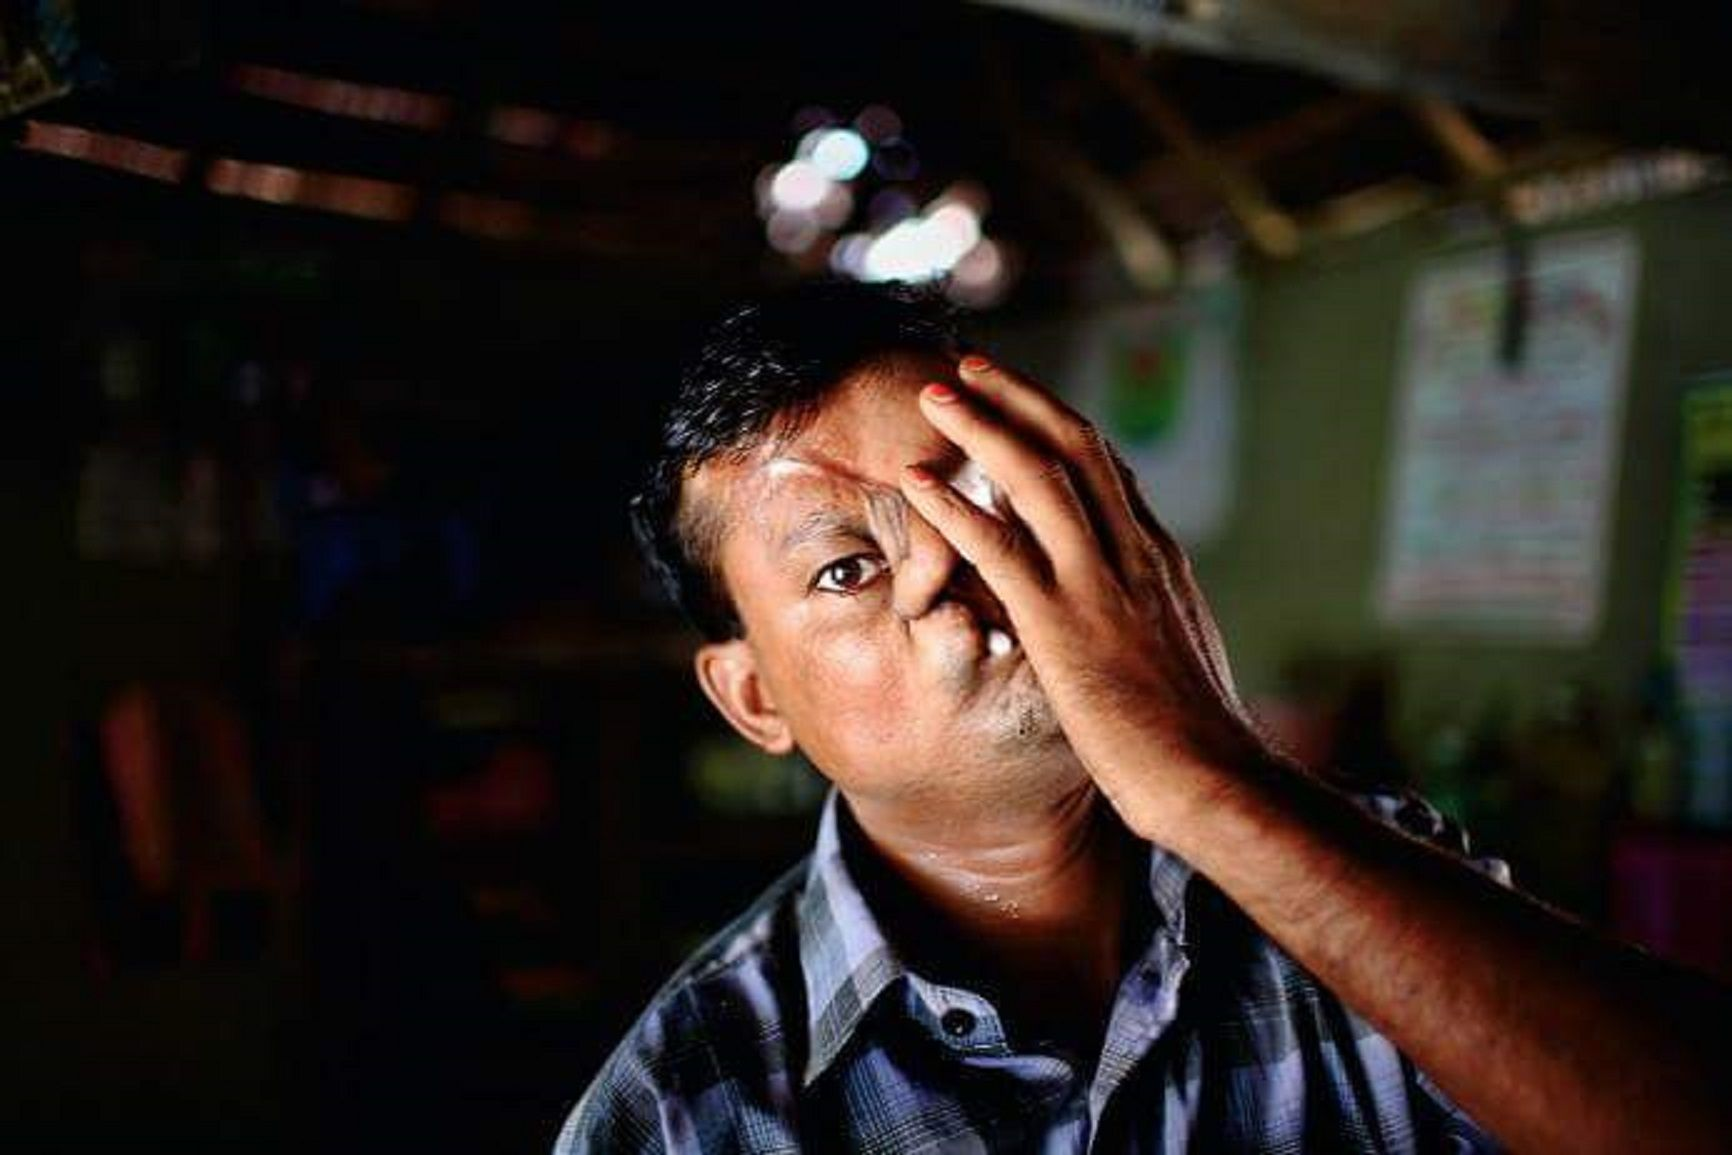 Un tigre le desfiguró la cara mientras dormía en un barco y lo discriminan